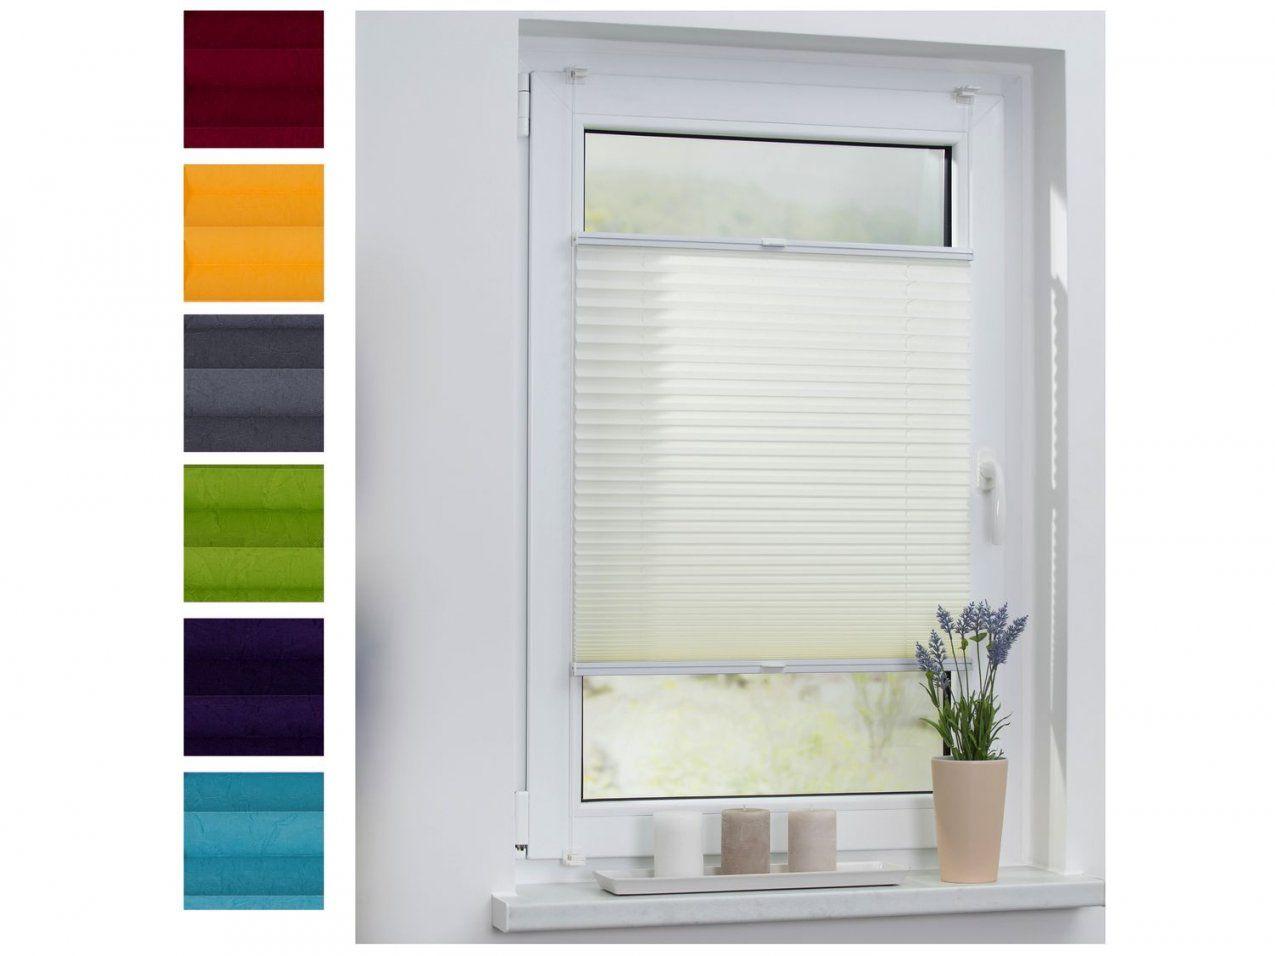 Rollo Ins Fenster Klemmen Elegant Doppelrollo X Wei With Rollo Ins von Rollo Ins Fenster Klemmen Photo